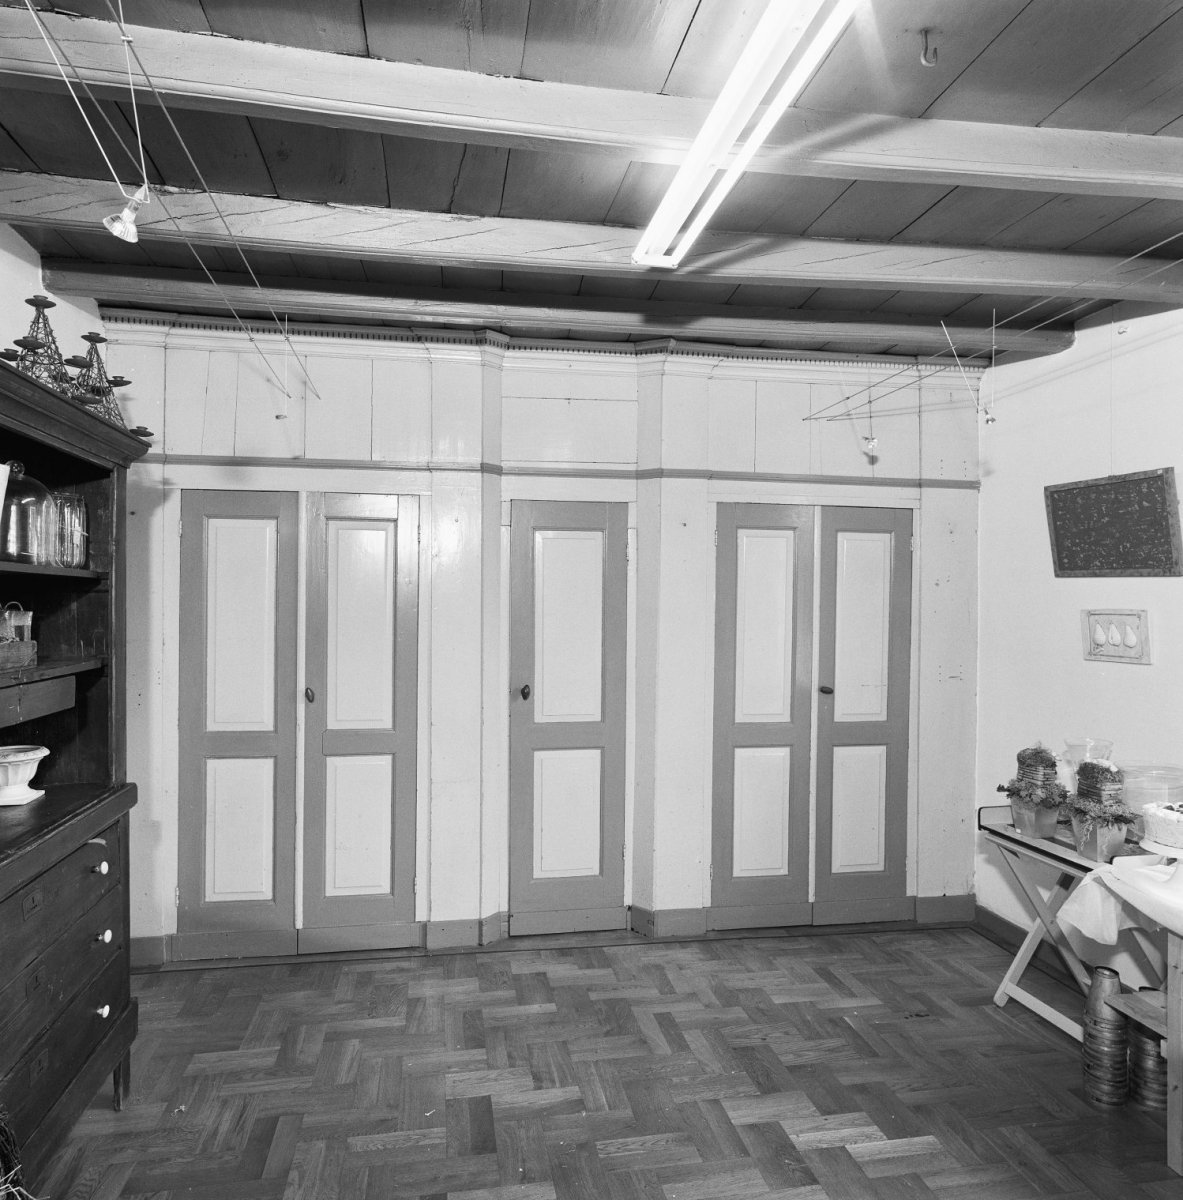 File:Interieur woonkamer, kastenwand met paneeldeuren - Schijndel ...